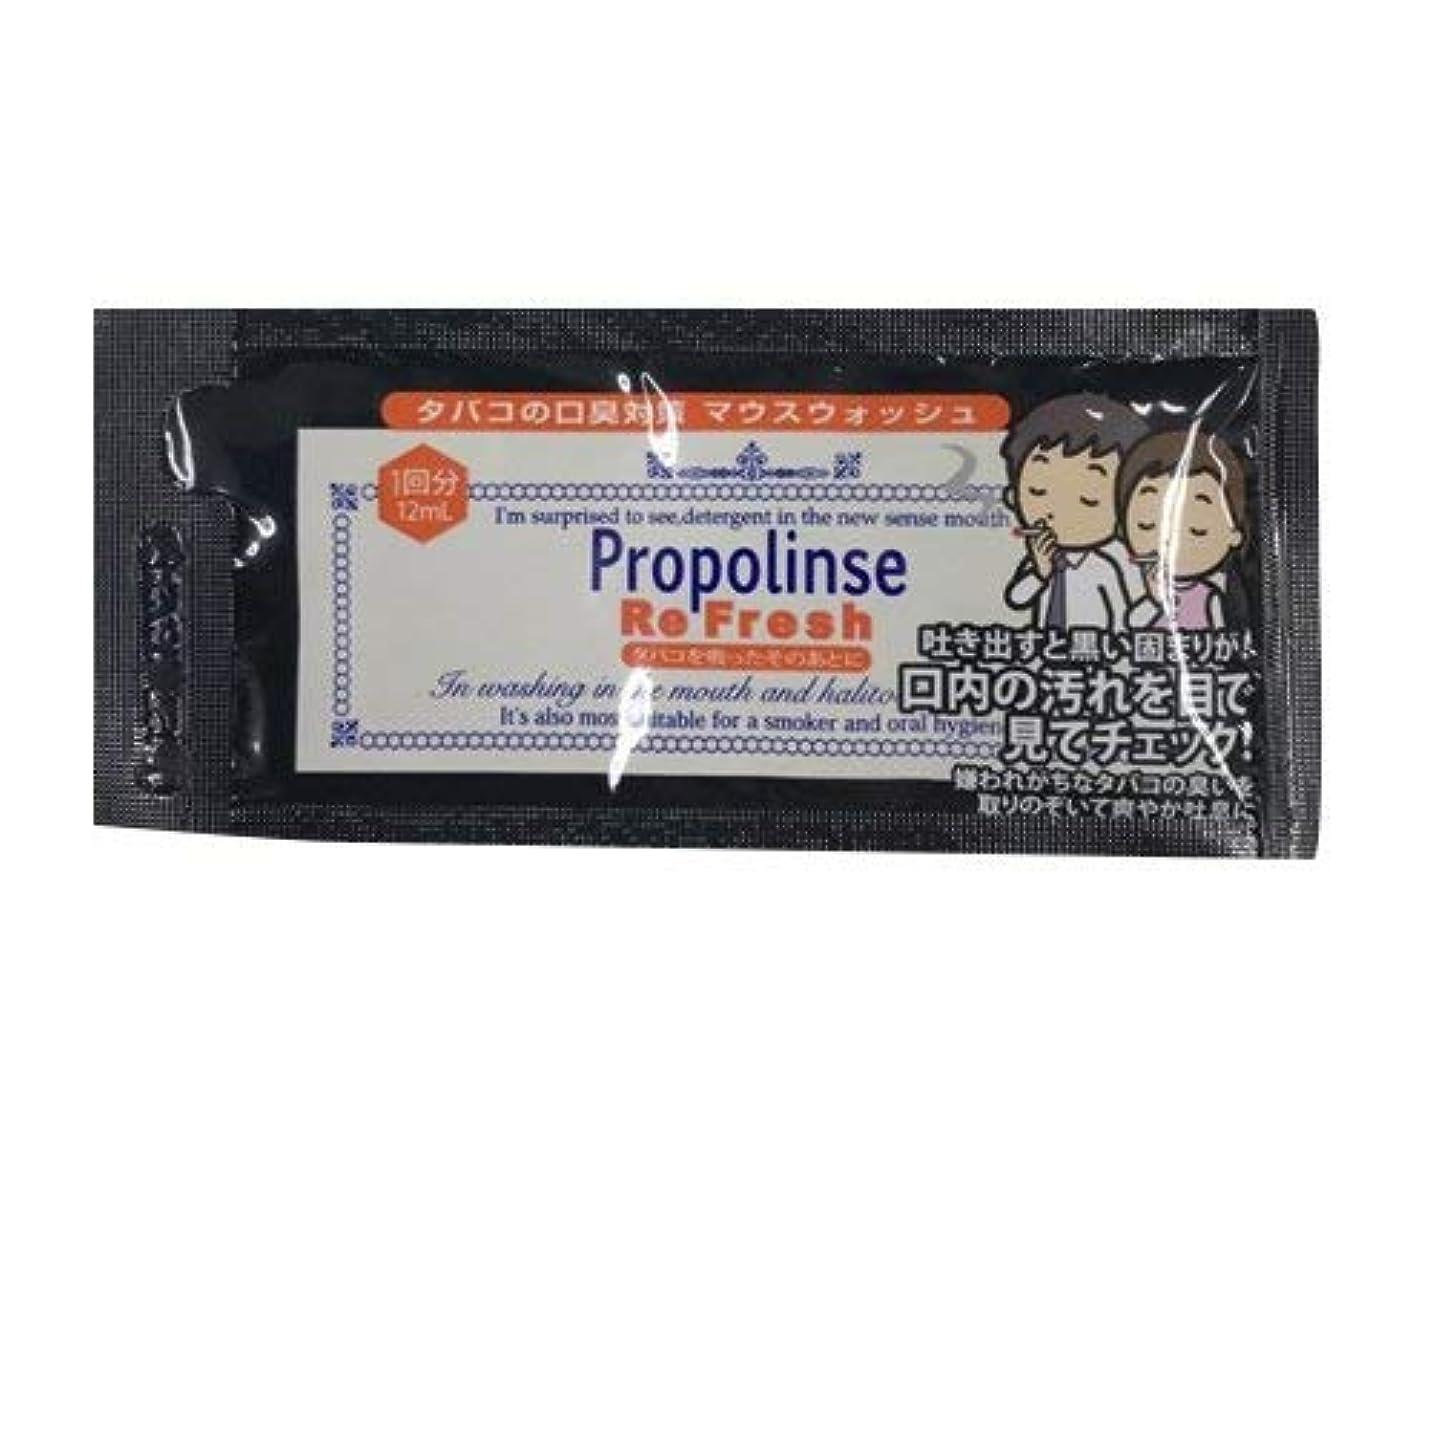 プーノ余計なクールプロポリンス ハンディパウチ12ml ×200個 リフレッシュ